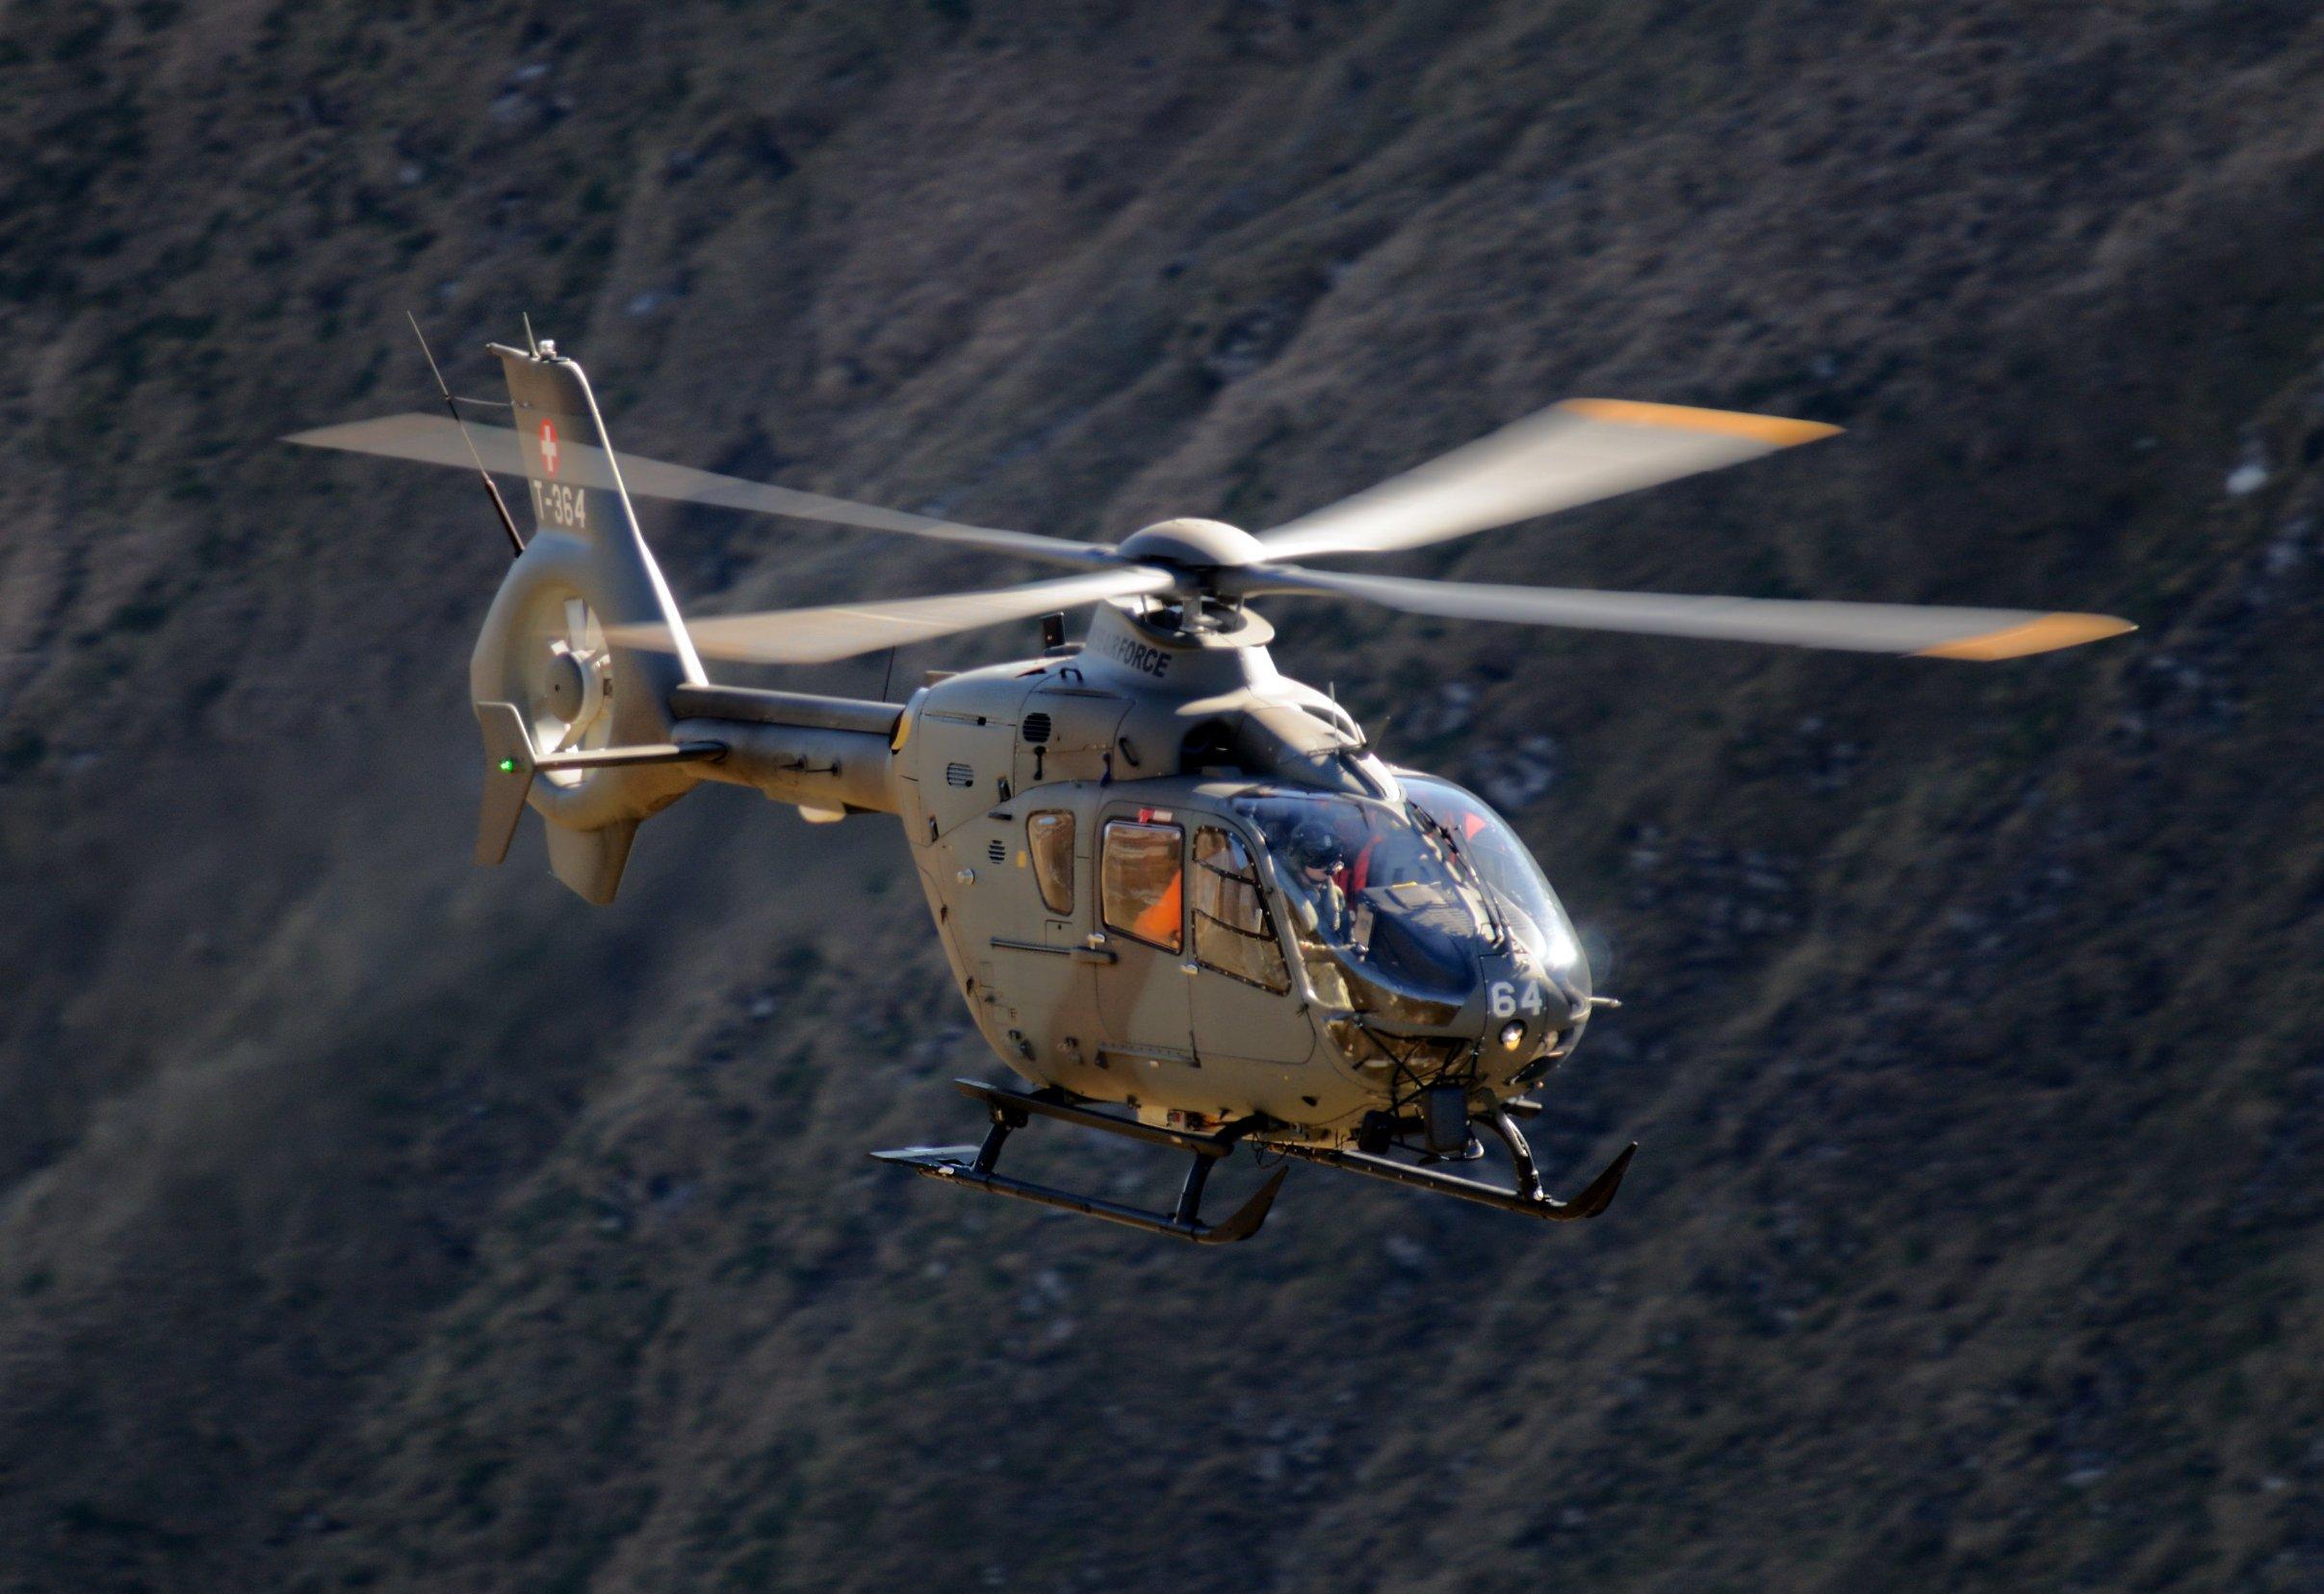 Helikopter švicarske vojske, arhivska fotografija